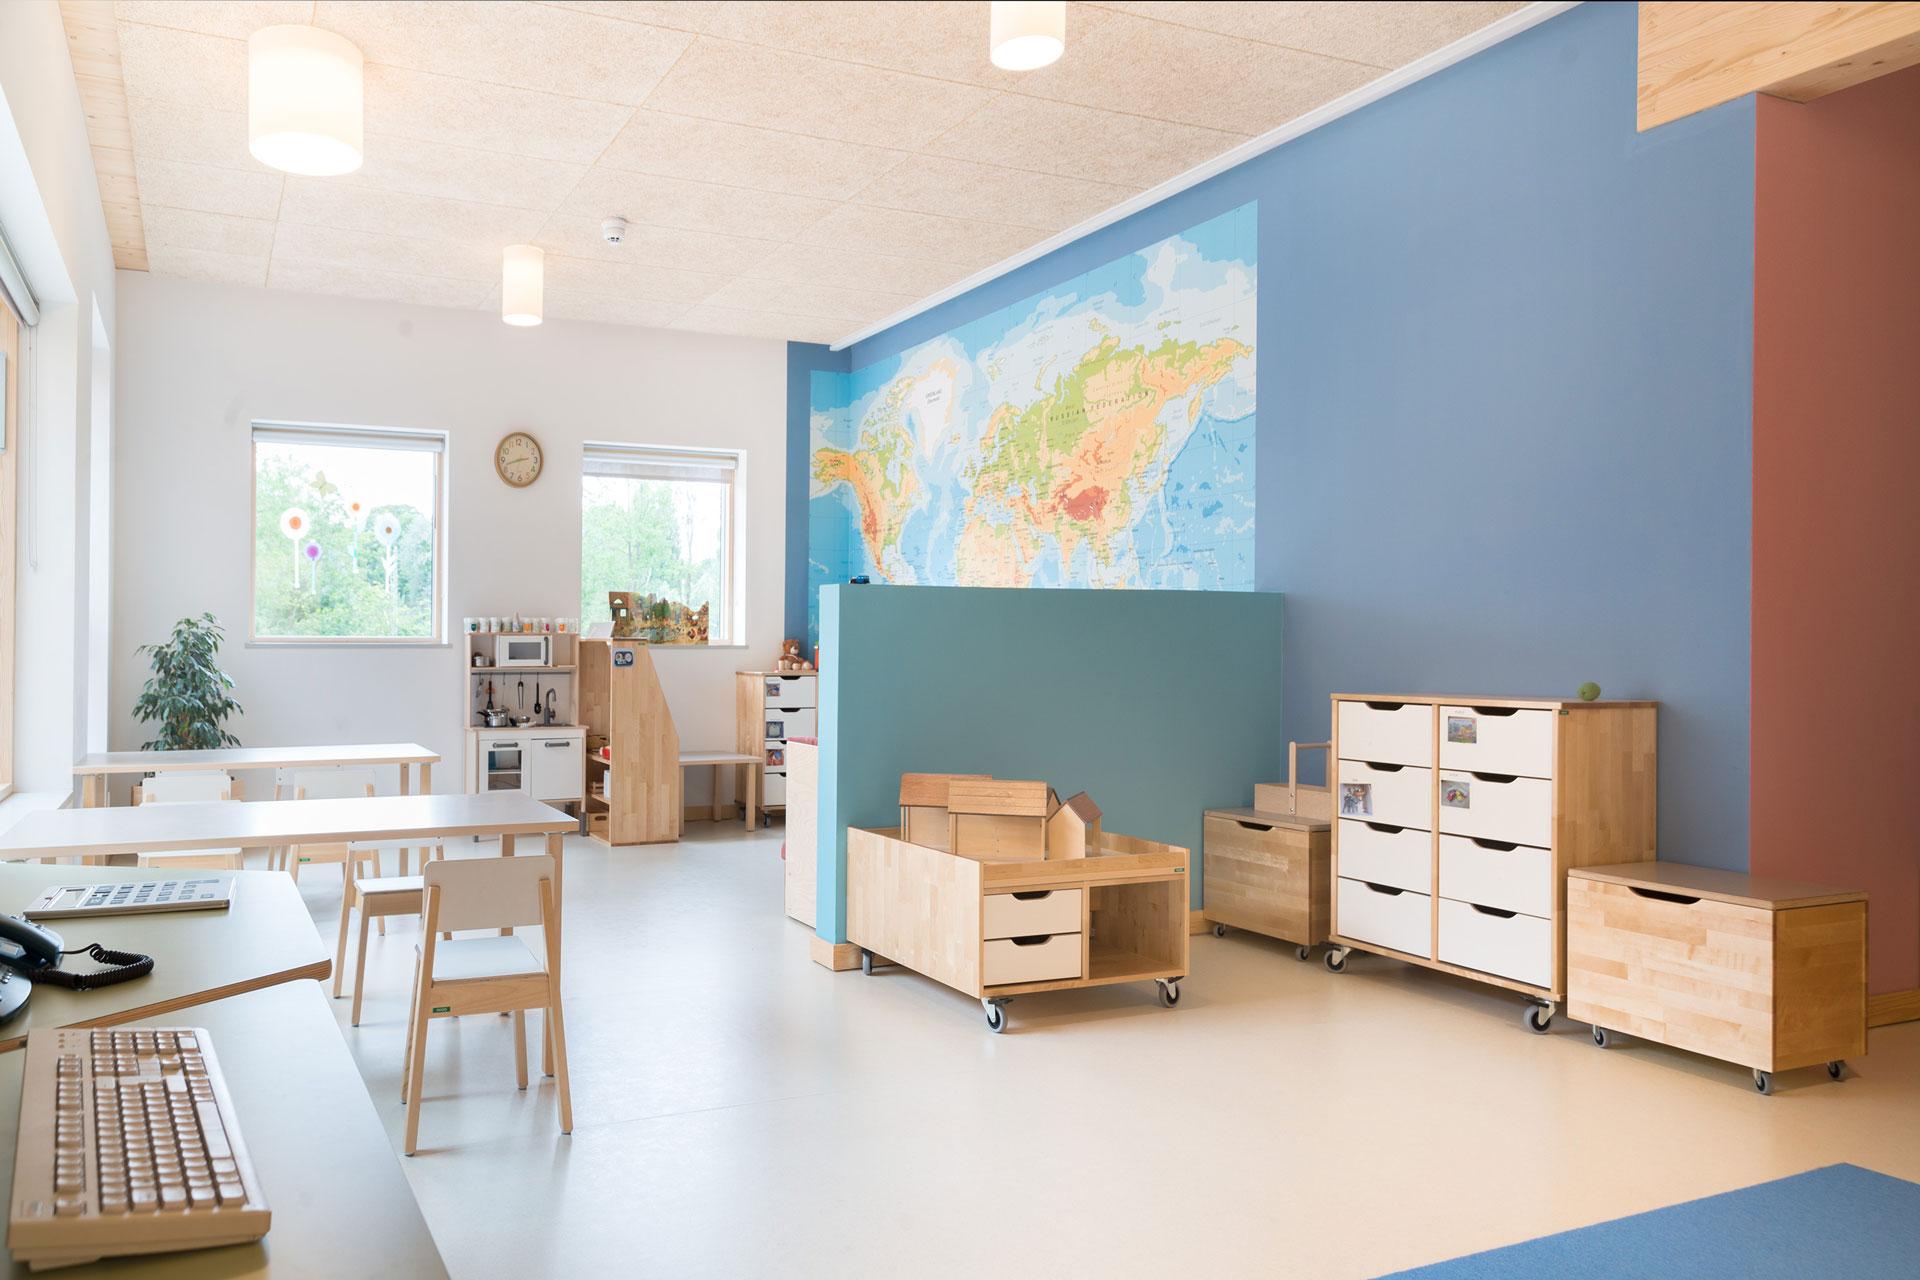 Verbundeinrichtung in Wismar / Totale Innen